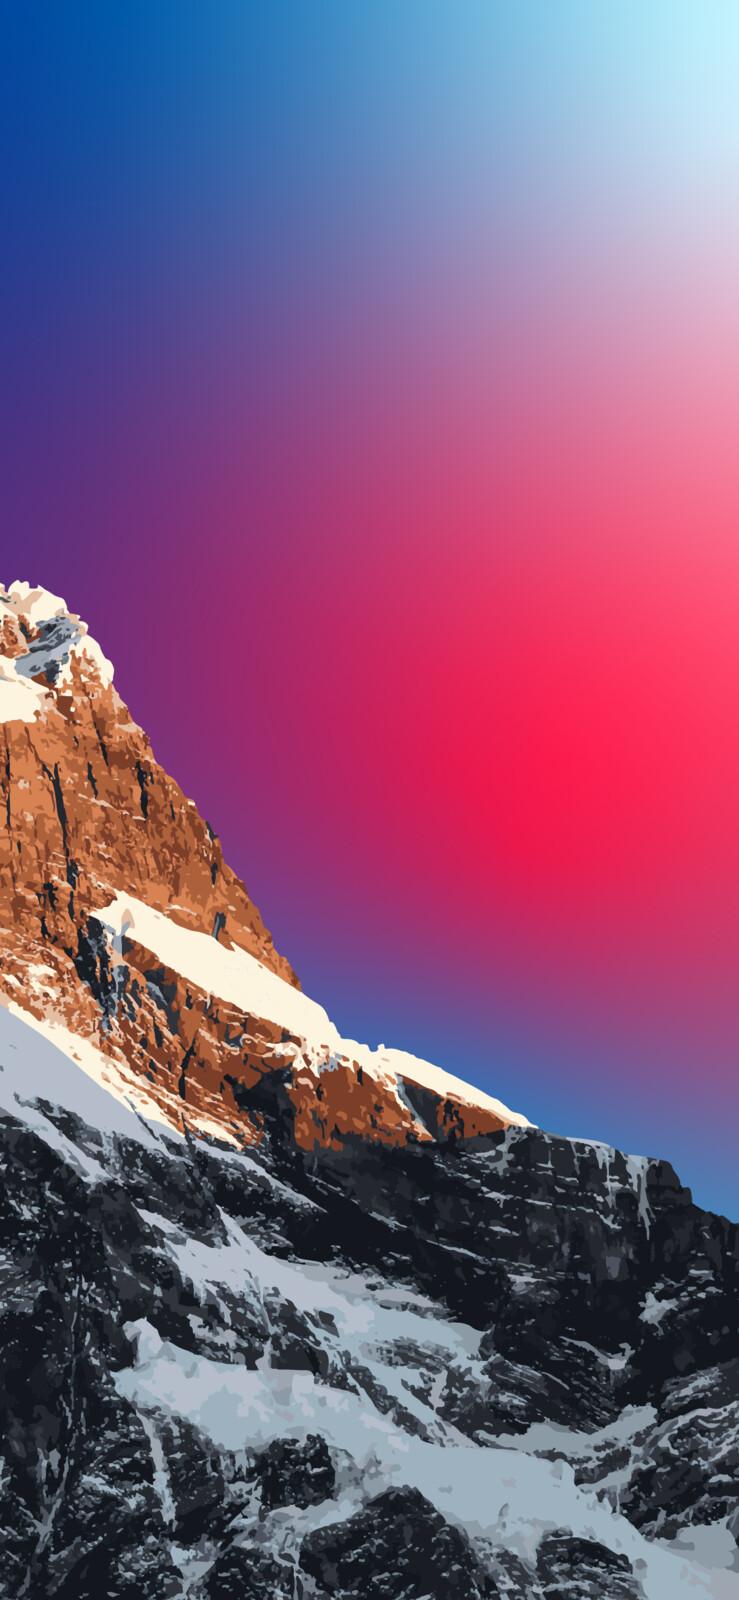 https://www.heroscreen.cc/2021/02/wallpaper-iphone-mountain-view.html